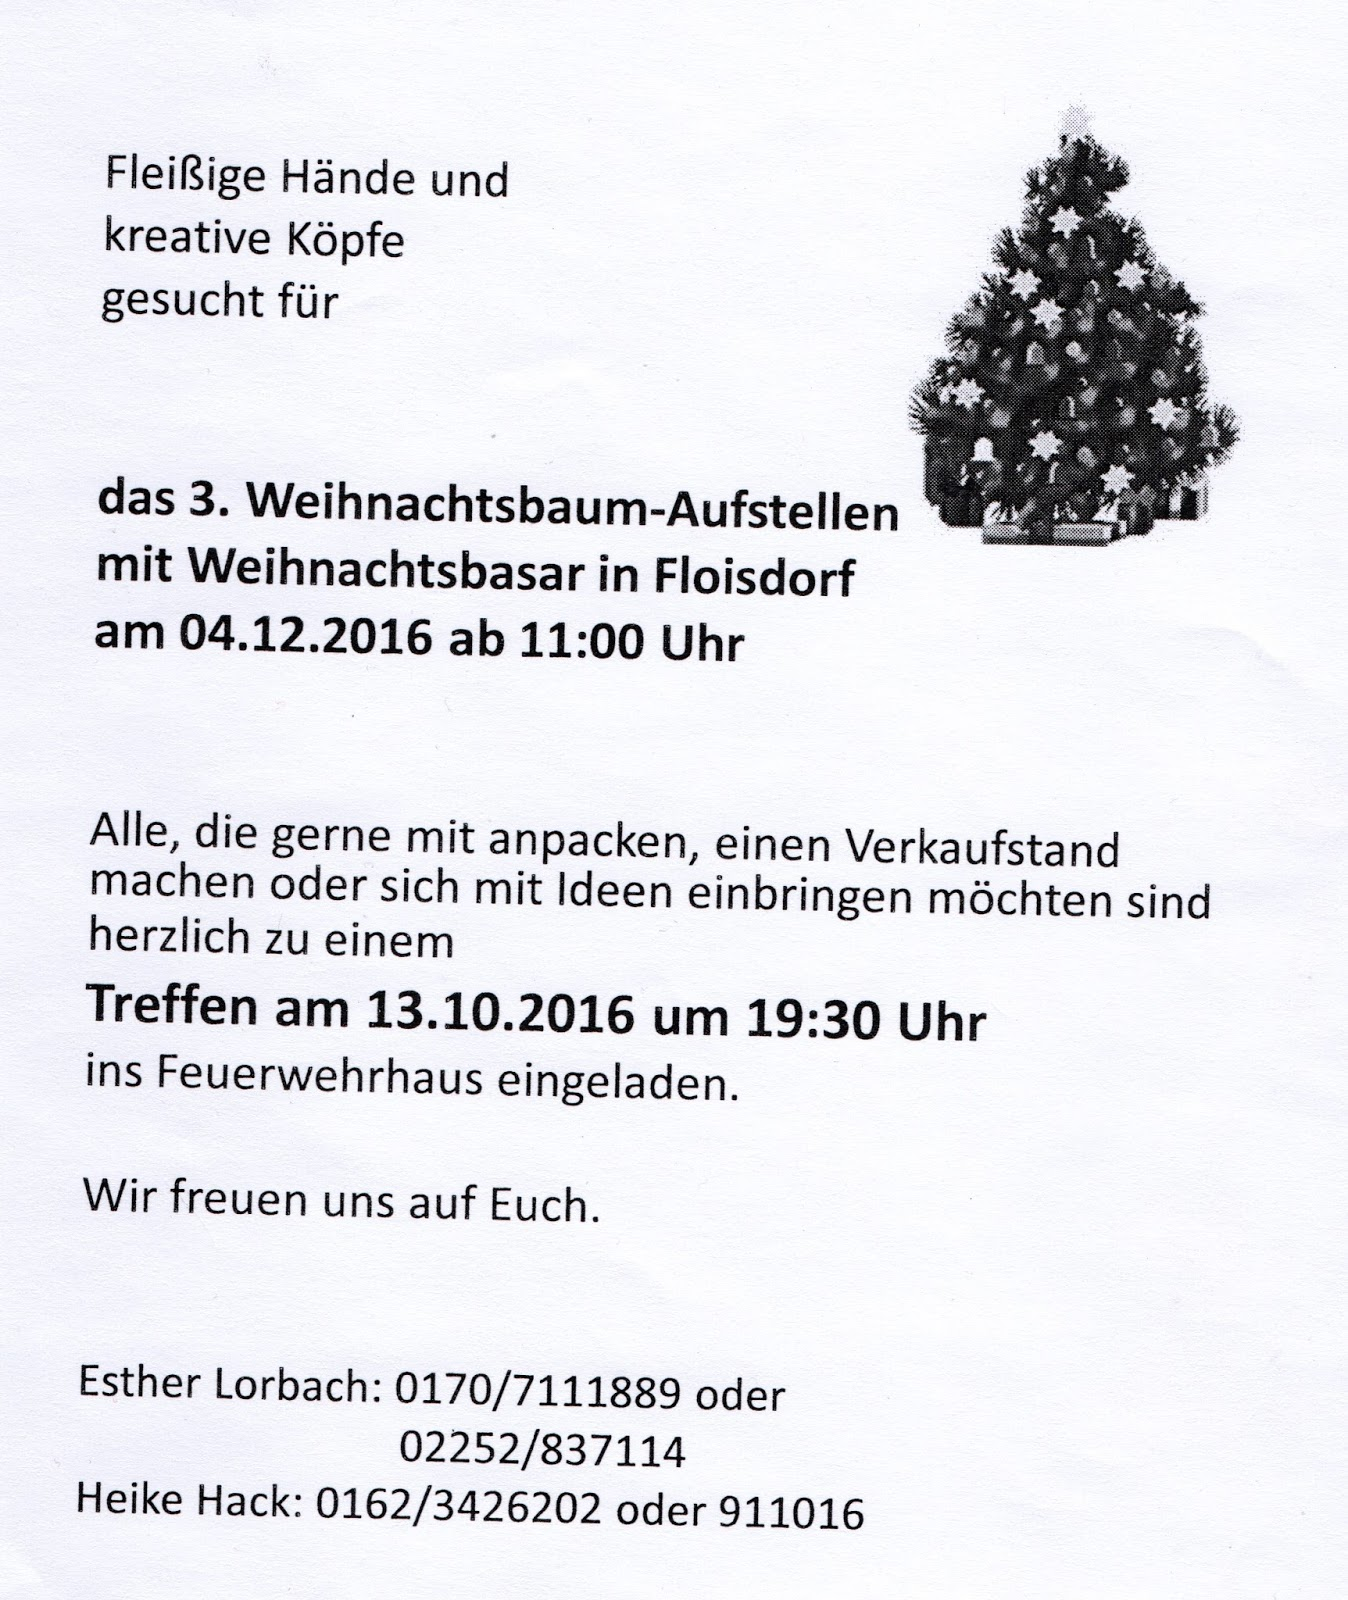 Wann Weihnachtsbaum Aufstellen.Der Floisdorf Blog Einladungen Einladungen Einladungen